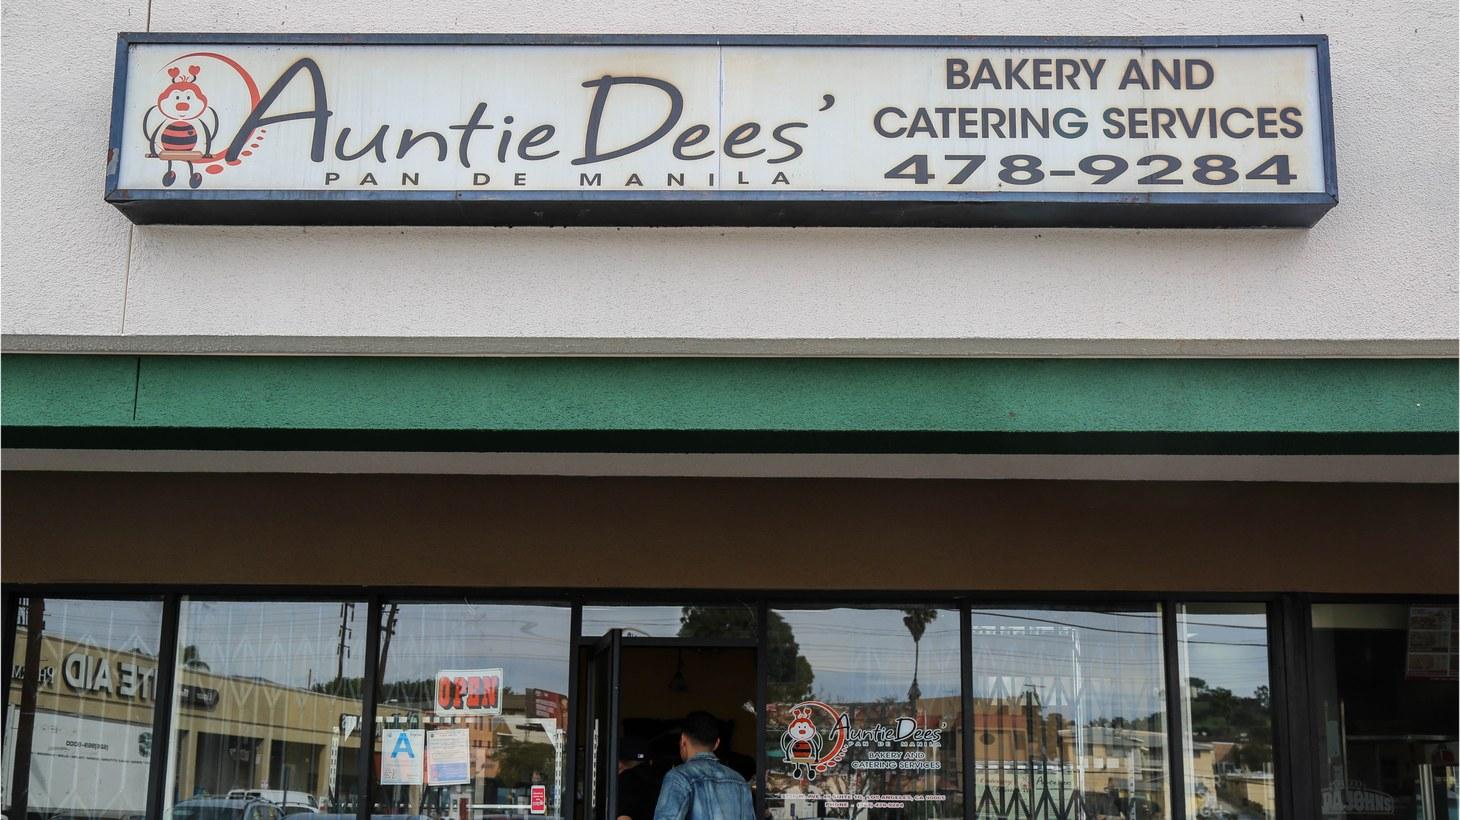 Auntie Dee's Pan de Manila.